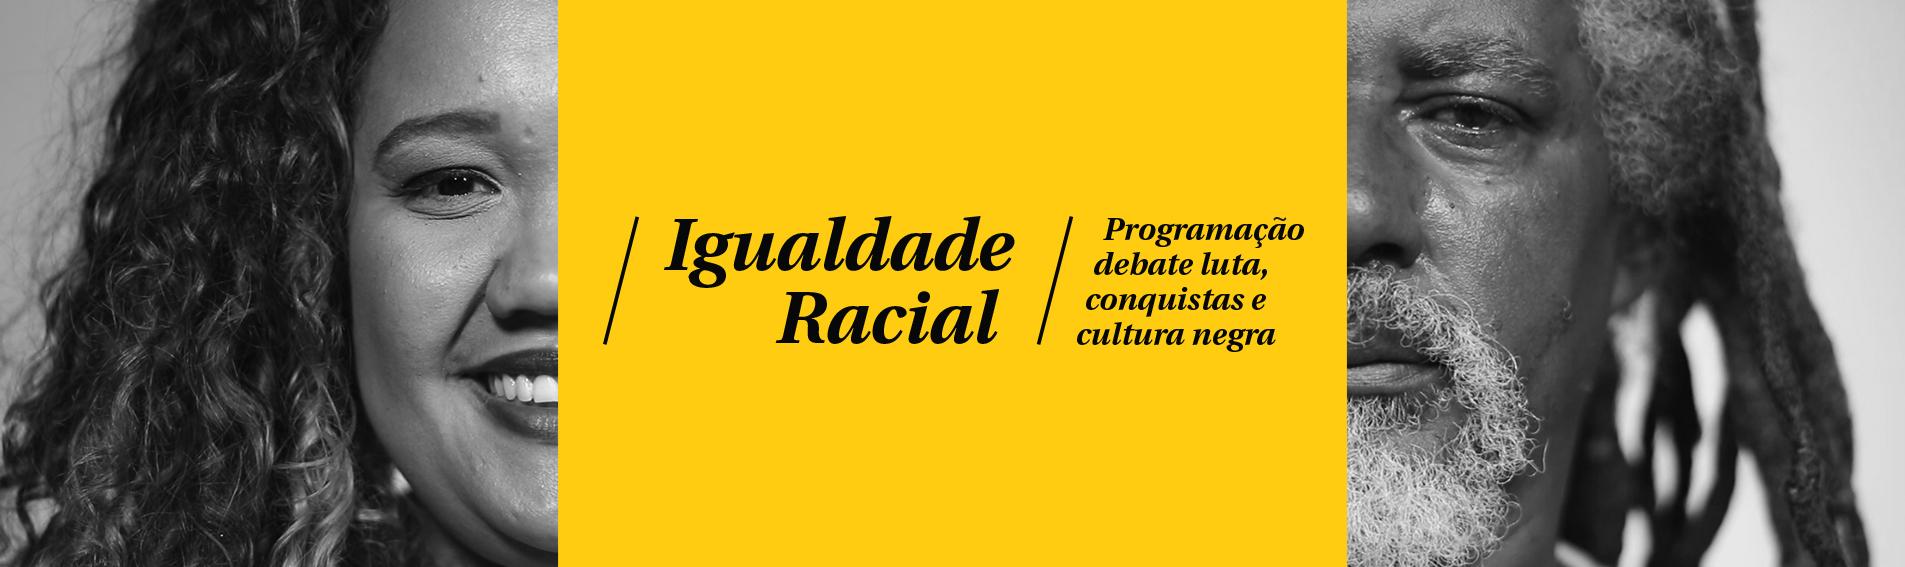 banner-igualdade-racial